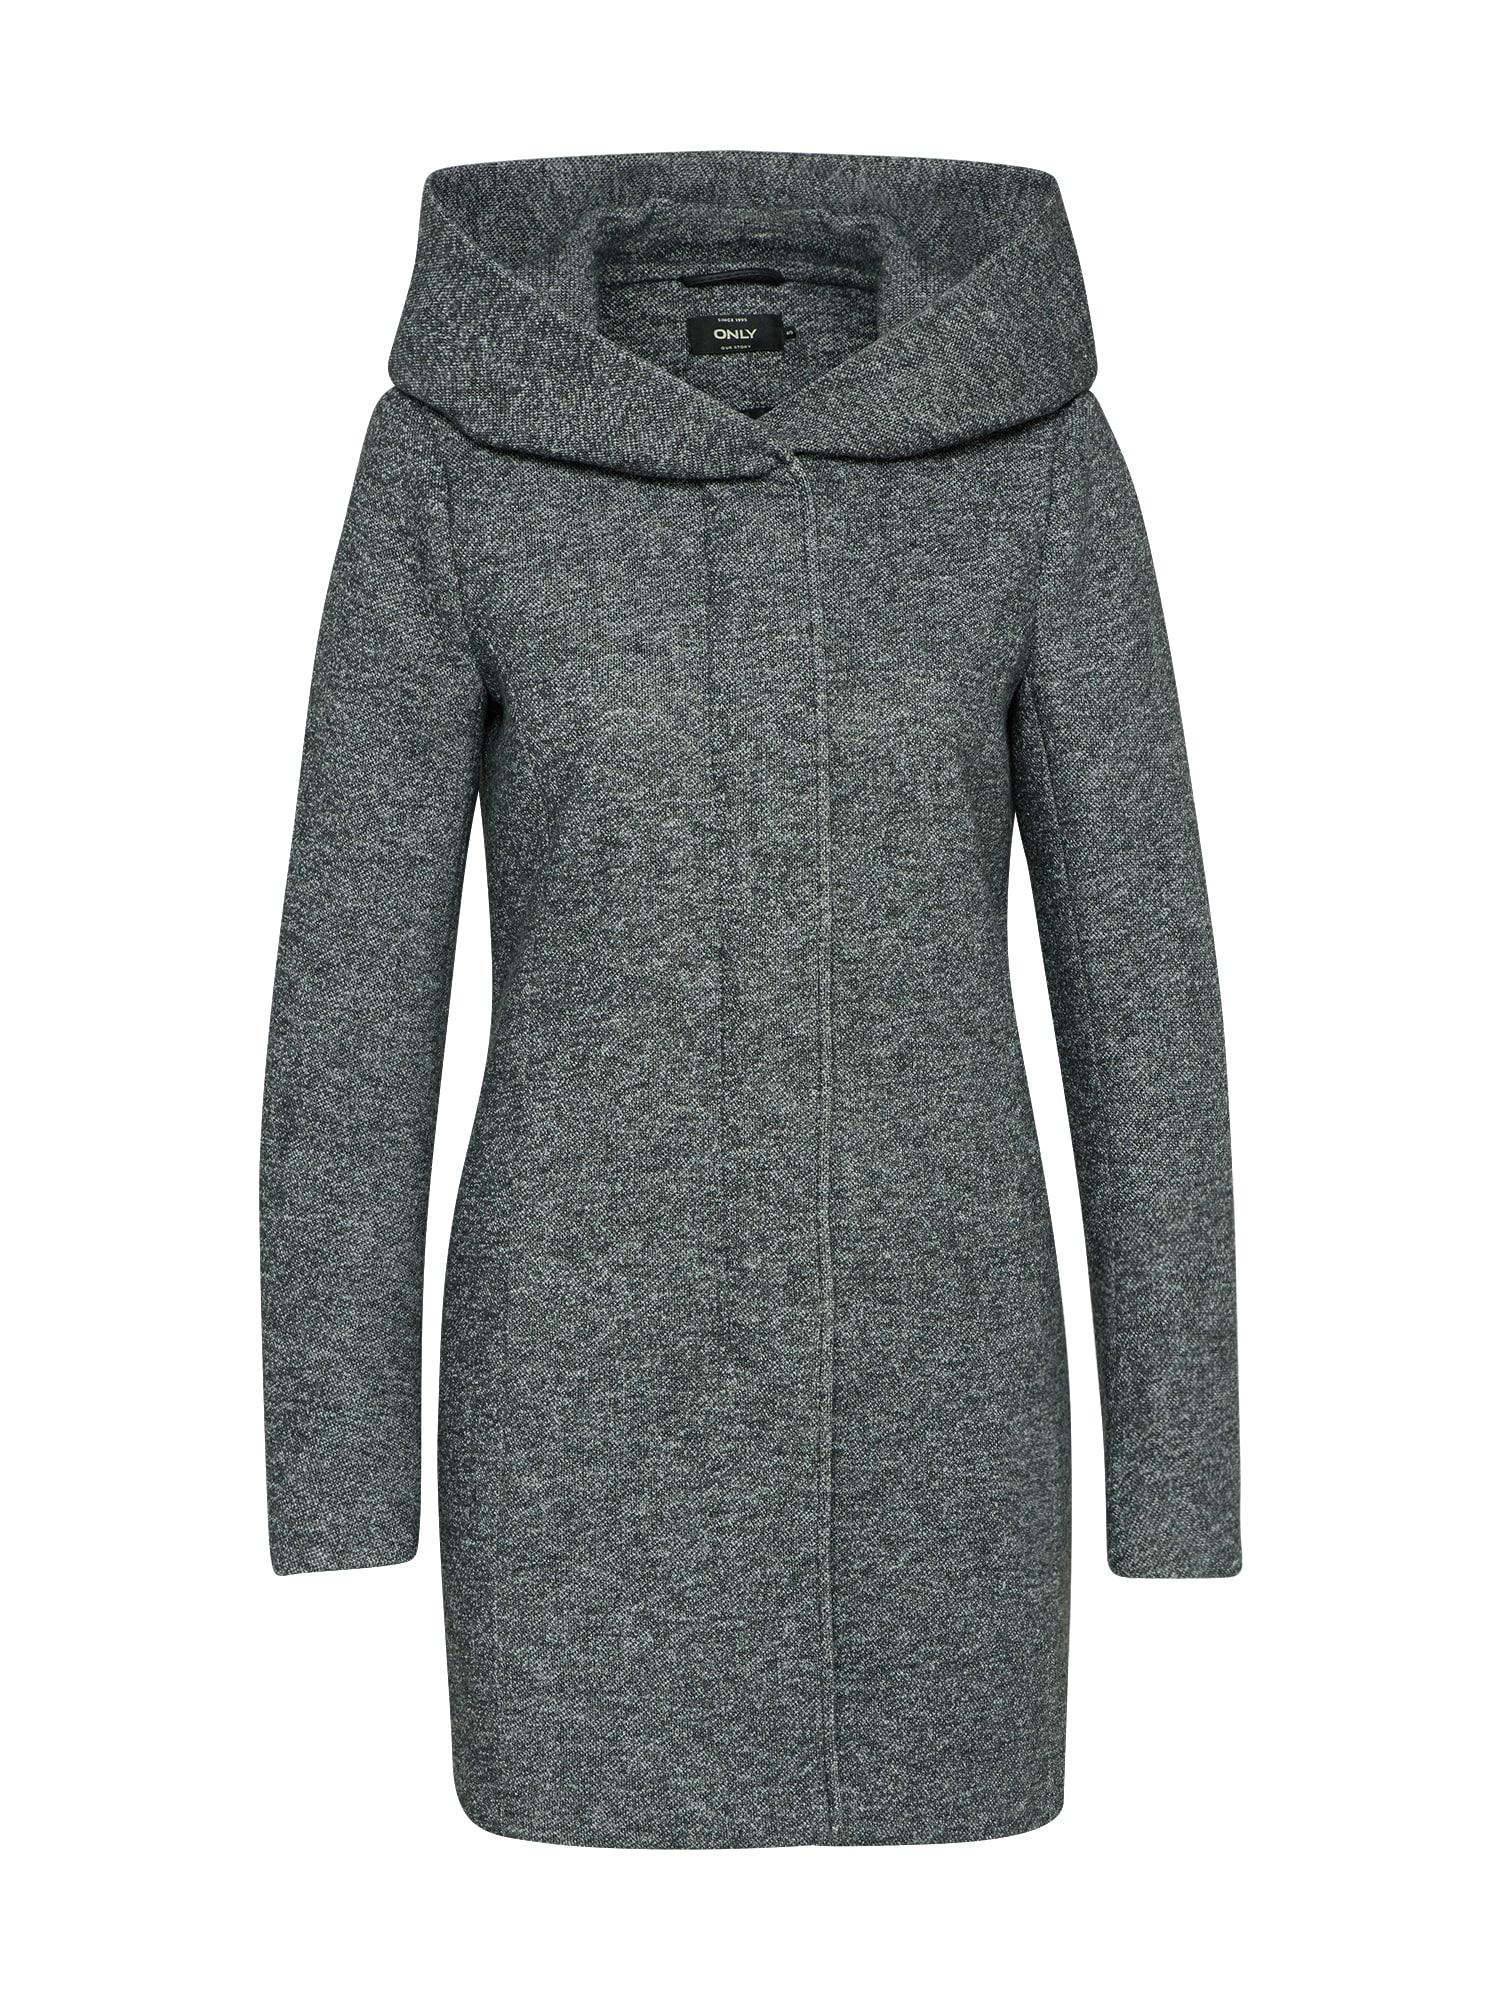 Přechodný kabát onlSEDONA tmavě šedá ONLY